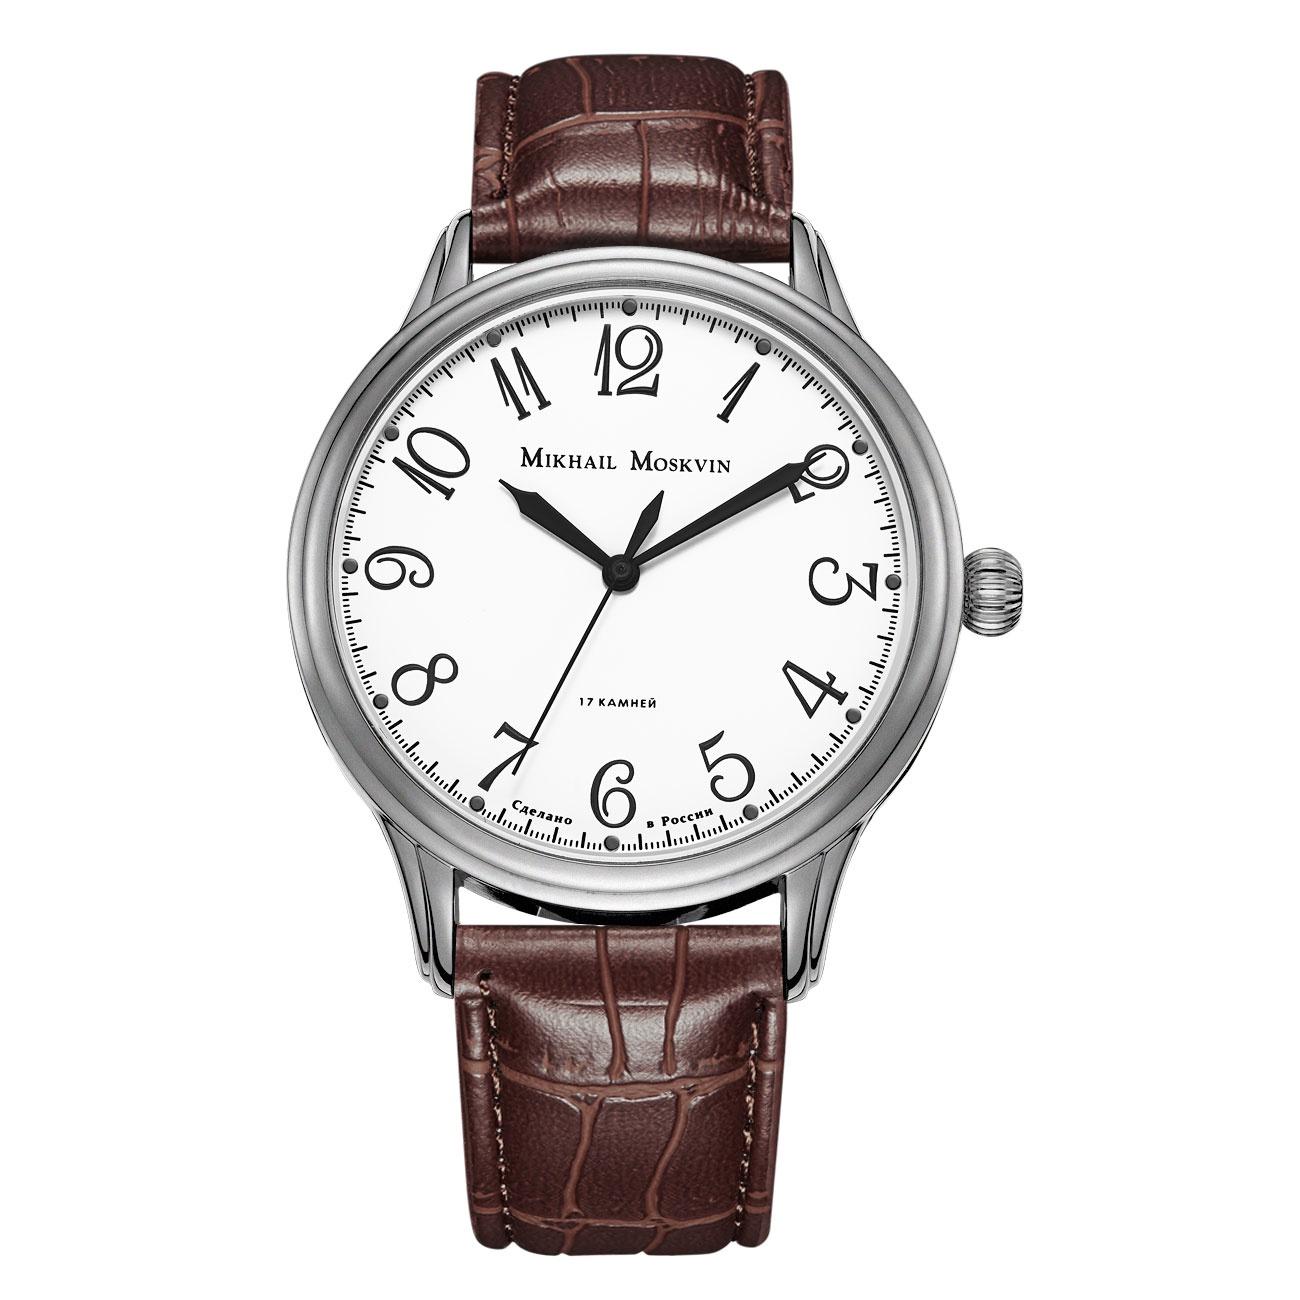 Часы Mikhail Moskvin, Mikhail Moskvin 1113A1L5, 1113A1L5 все цены